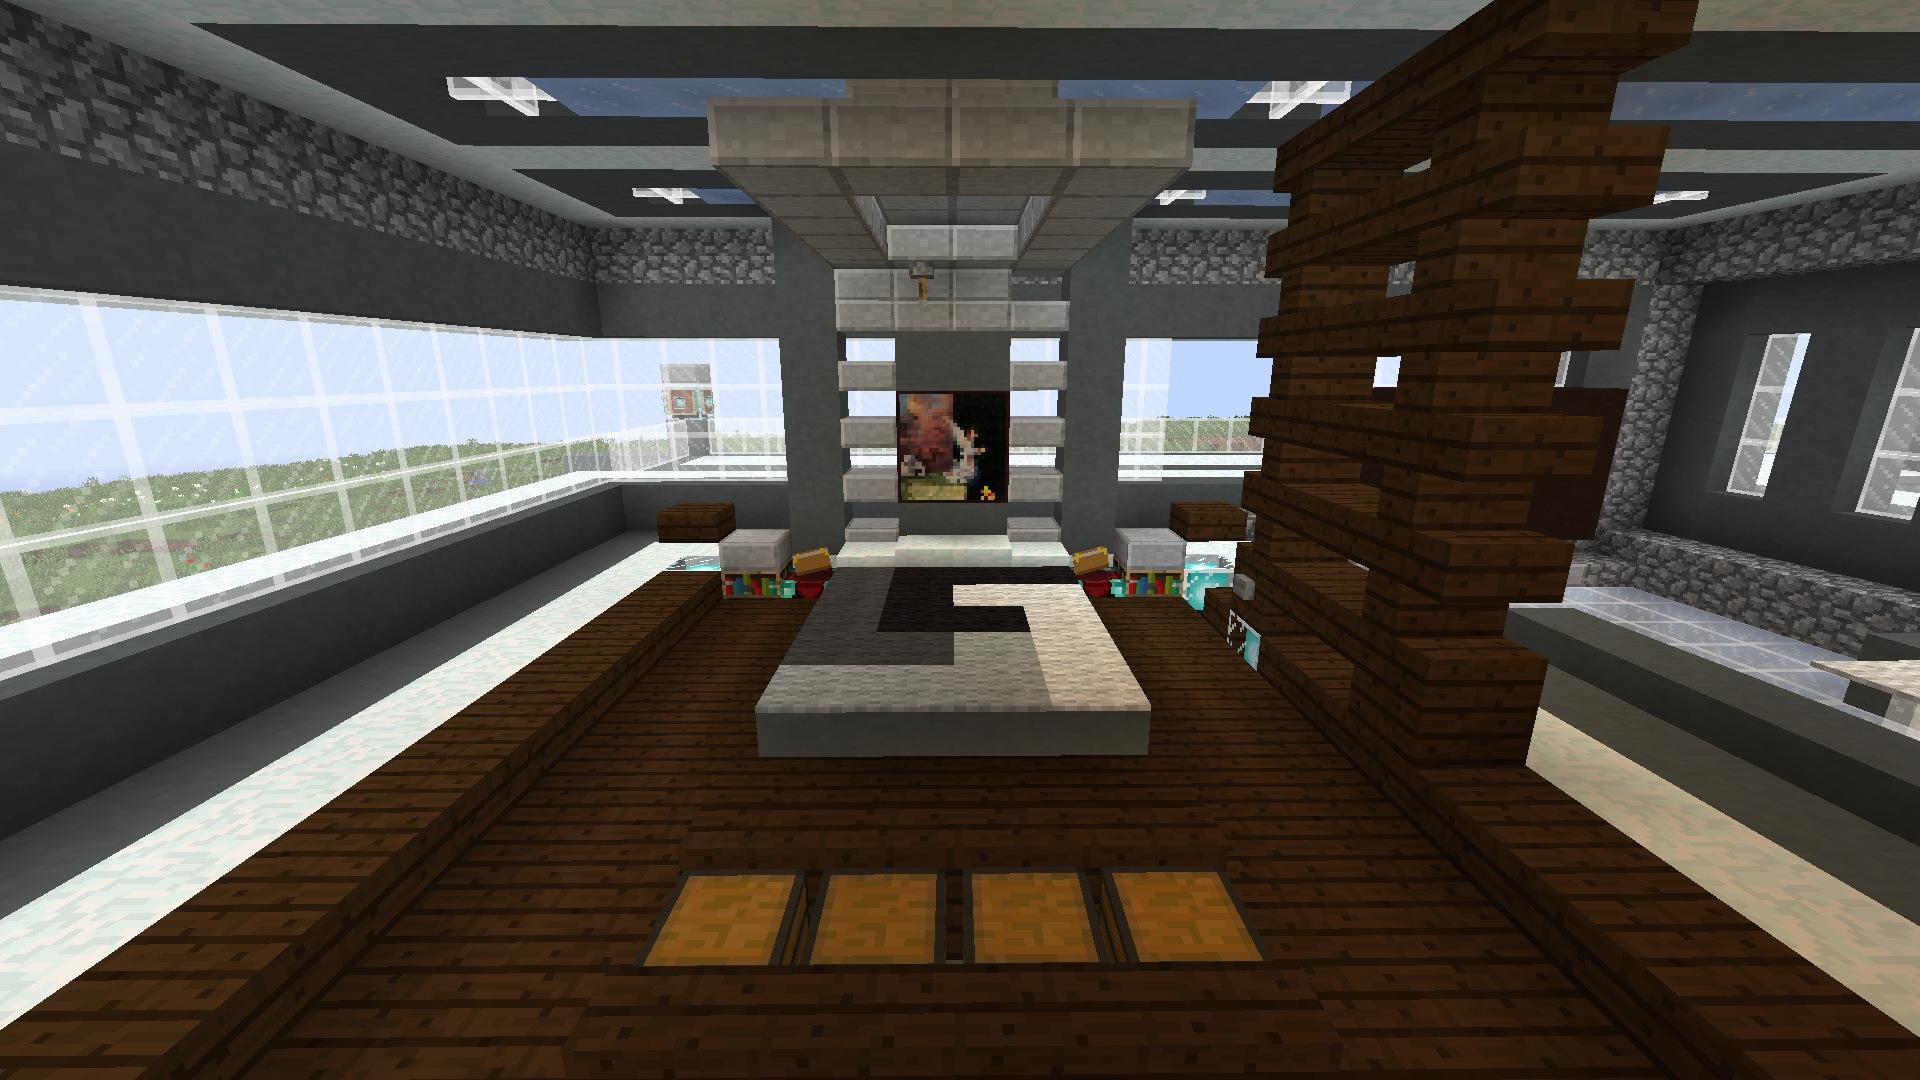 Full Size of Minecraft Küche Furniture Mod 1112 1102 189 18 1710 172 Grifflose Billig Kaufen Eckunterschrank Outdoor Edelstahl Aufbewahrungsbehälter Pentryküche U Form Wohnzimmer Minecraft Küche